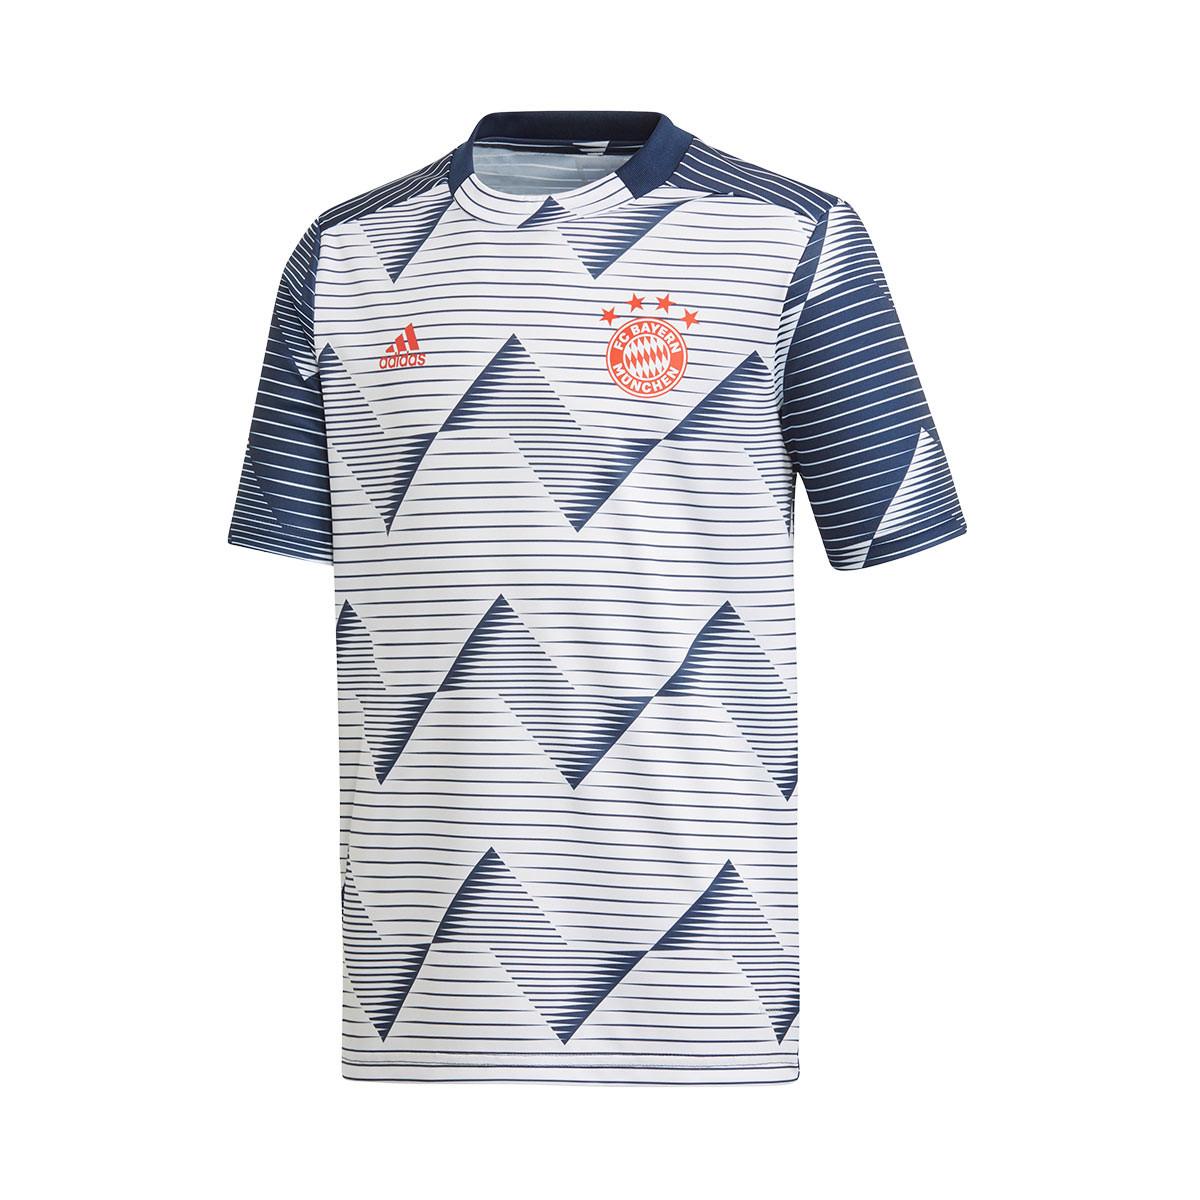 Jersey adidas Bayern Munich FC Preshi 2019-2020 Bambino White ...